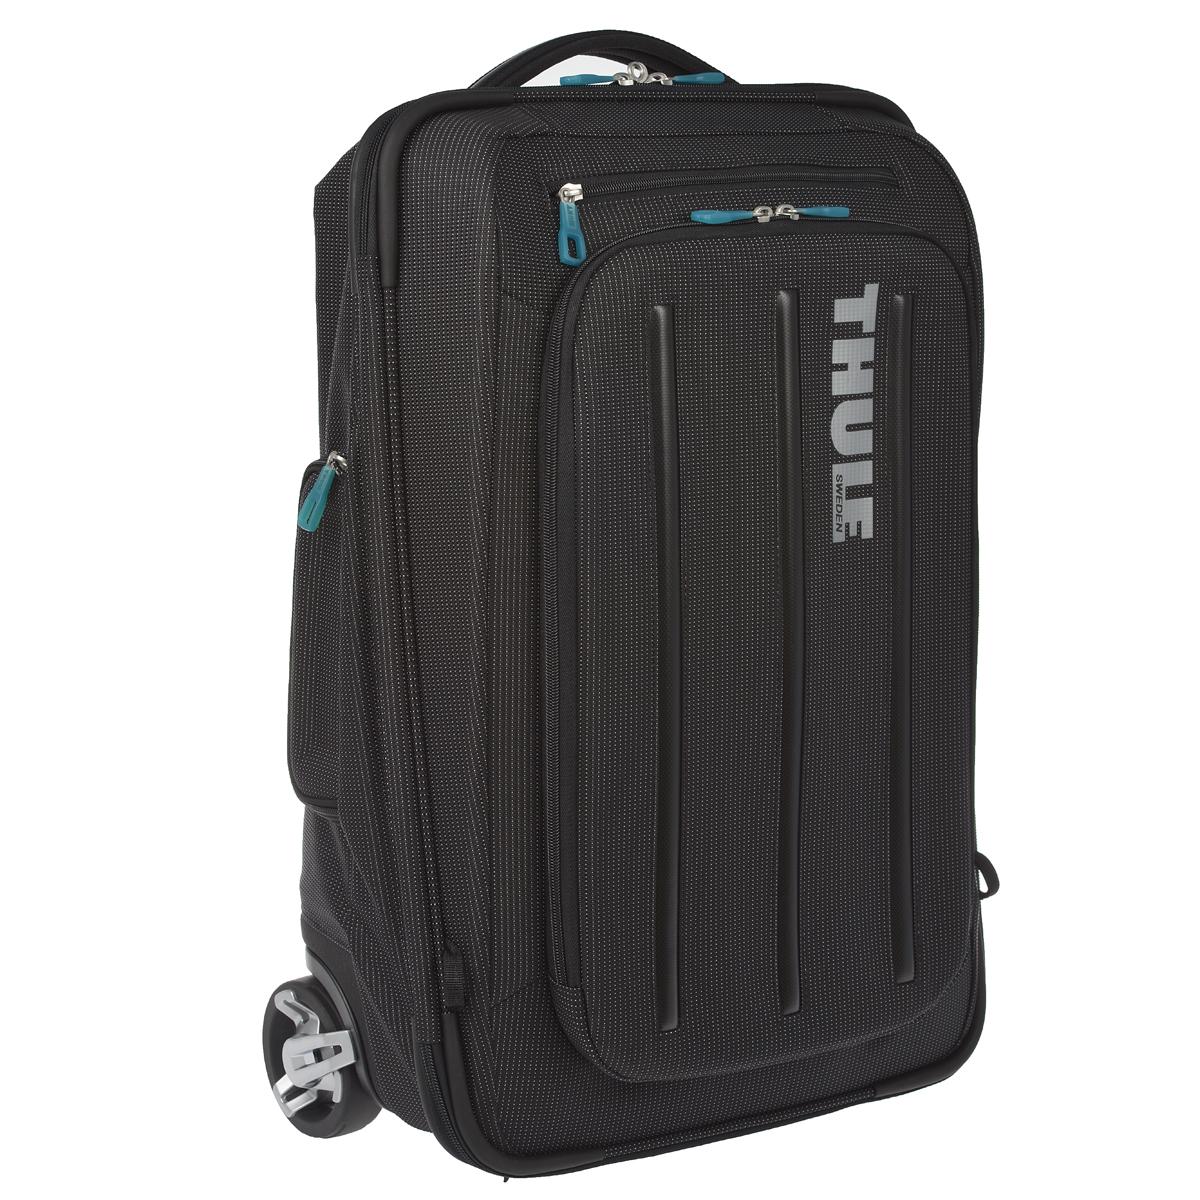 Thule. Сумка-рюкзак, Crossover, TCRU-115, нейлон, черный, 38 л